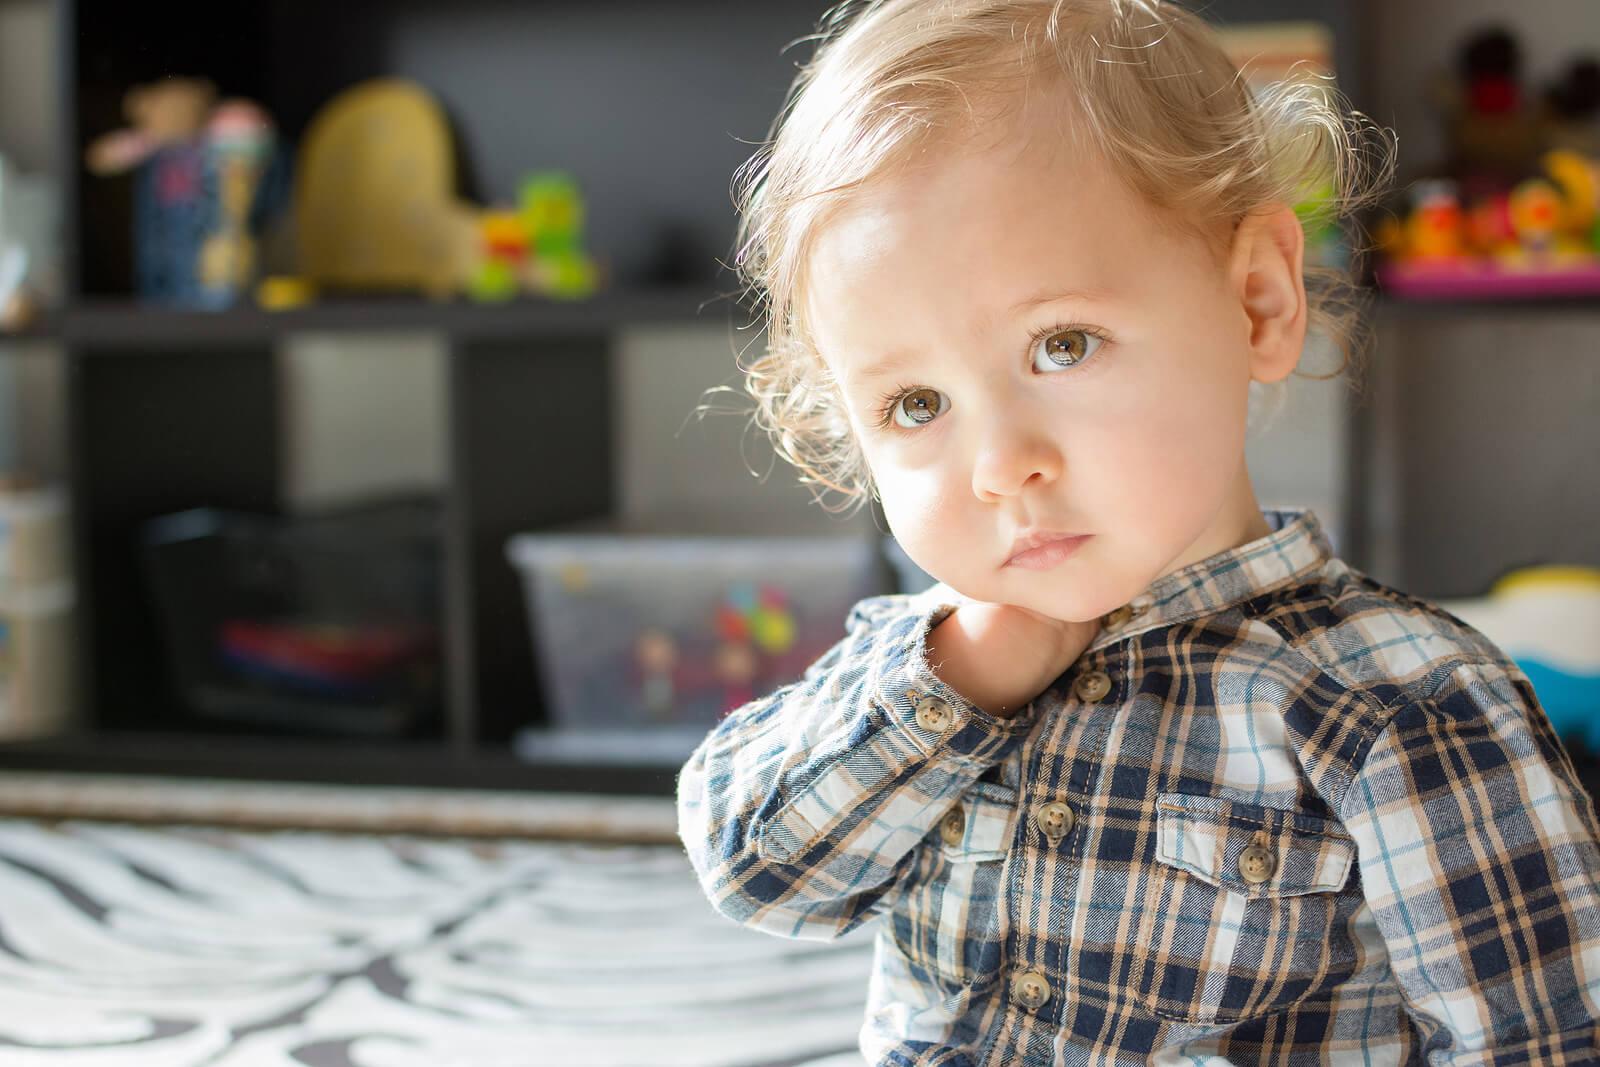 Niño pensando en si coger el tarro del aburrimiento para pasar la tarde porque está aburrido.